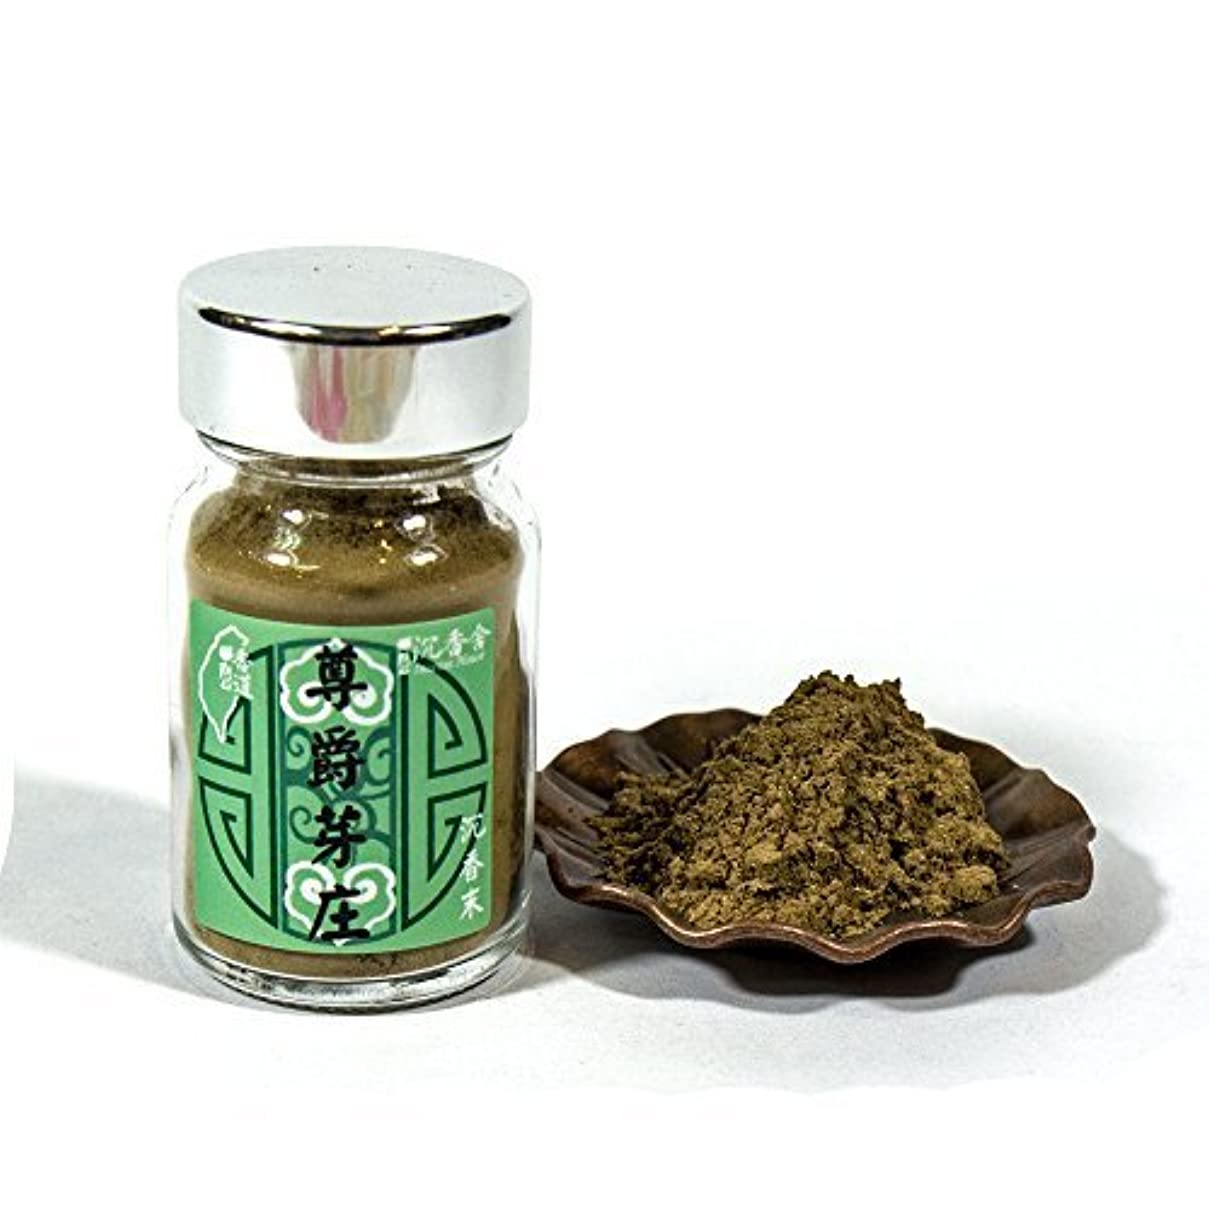 正しい信号ケニアAgarwood Aloeswood Top Grade Old Stock NhaTrang Chen Xiang Incense Powder 10g by IncenseHouse - Raw Material [...